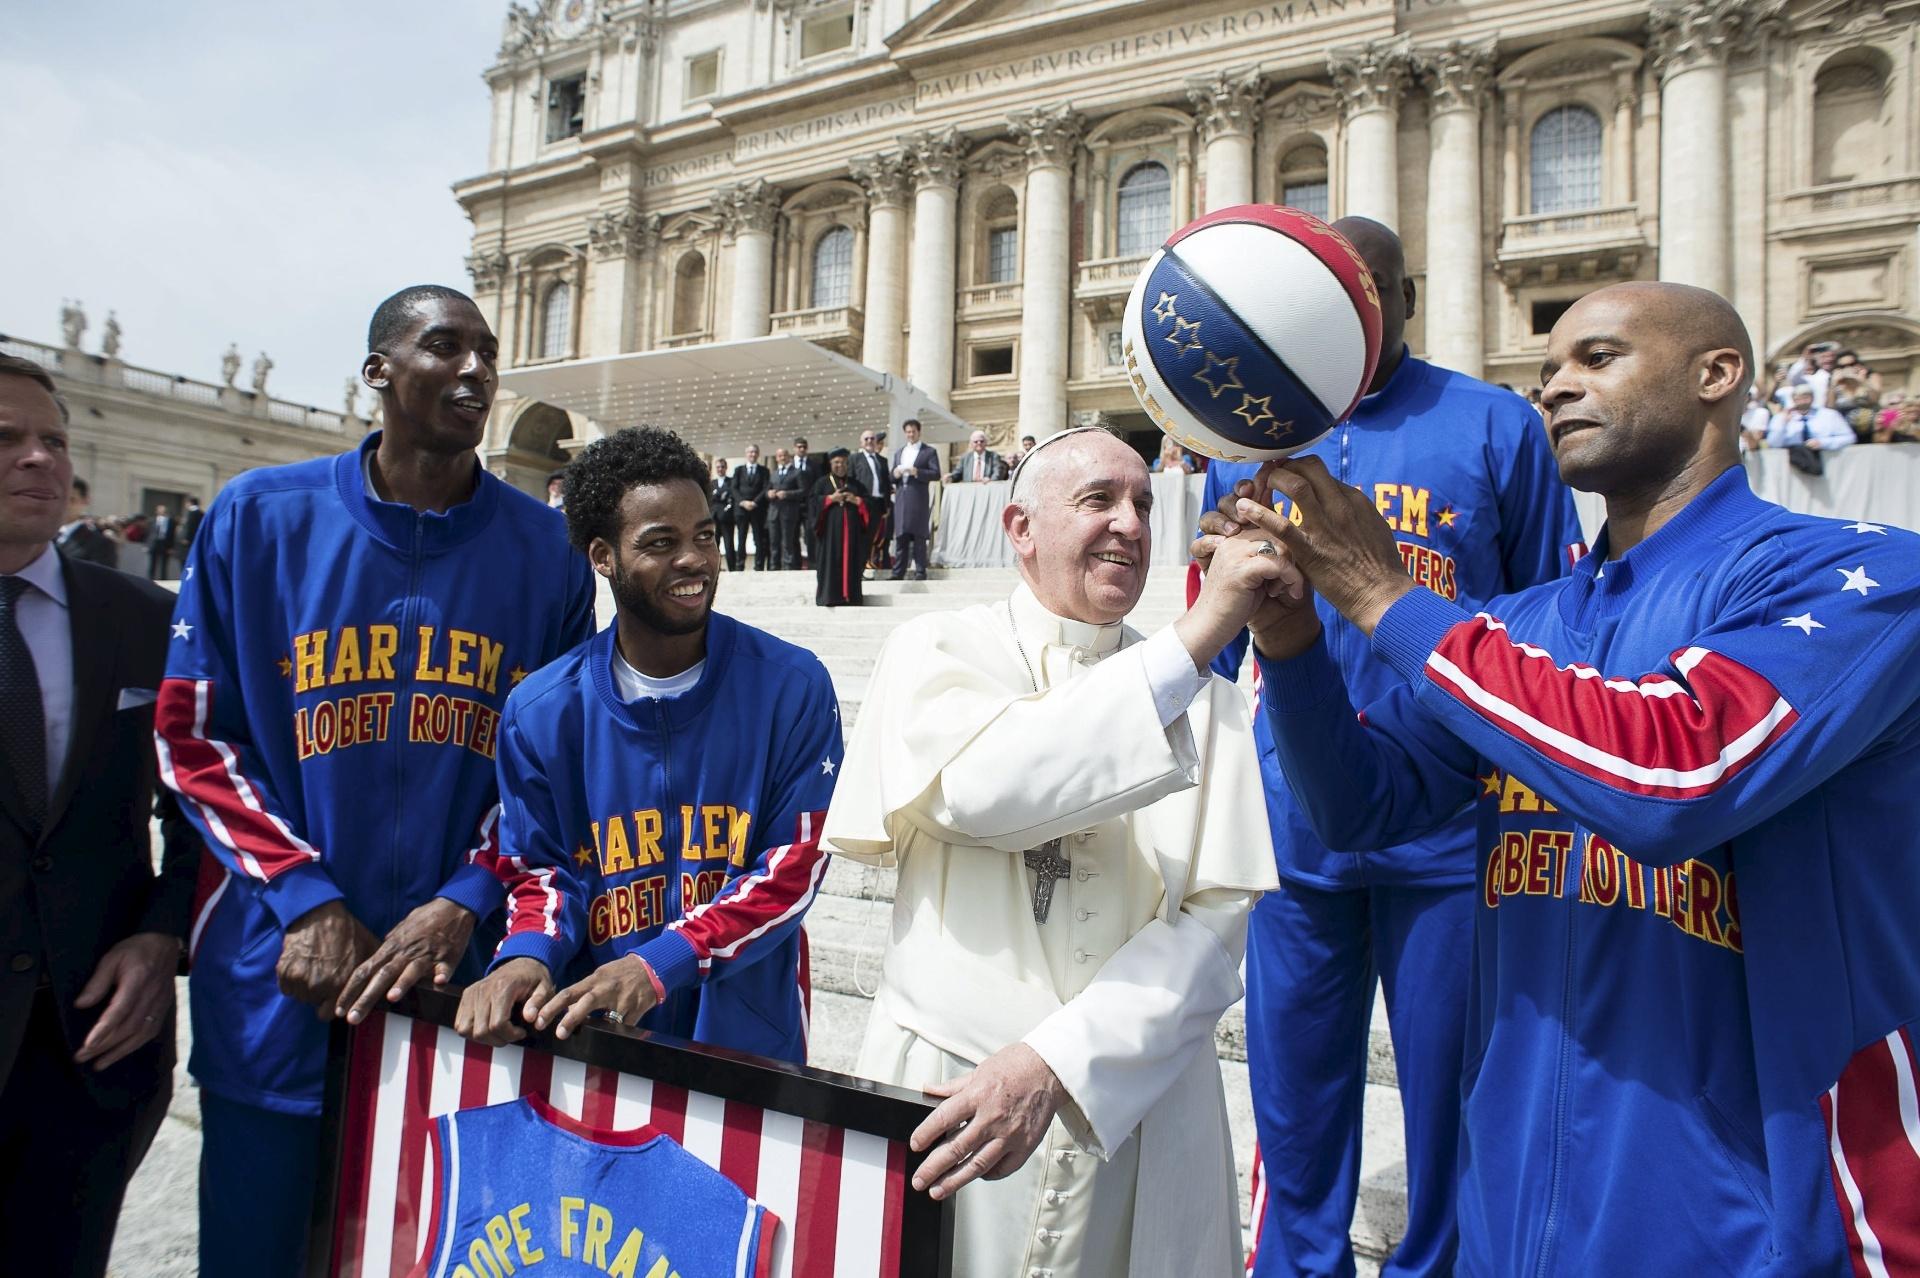 Papa Francisco arrisca malabarismo com a bola de basquete